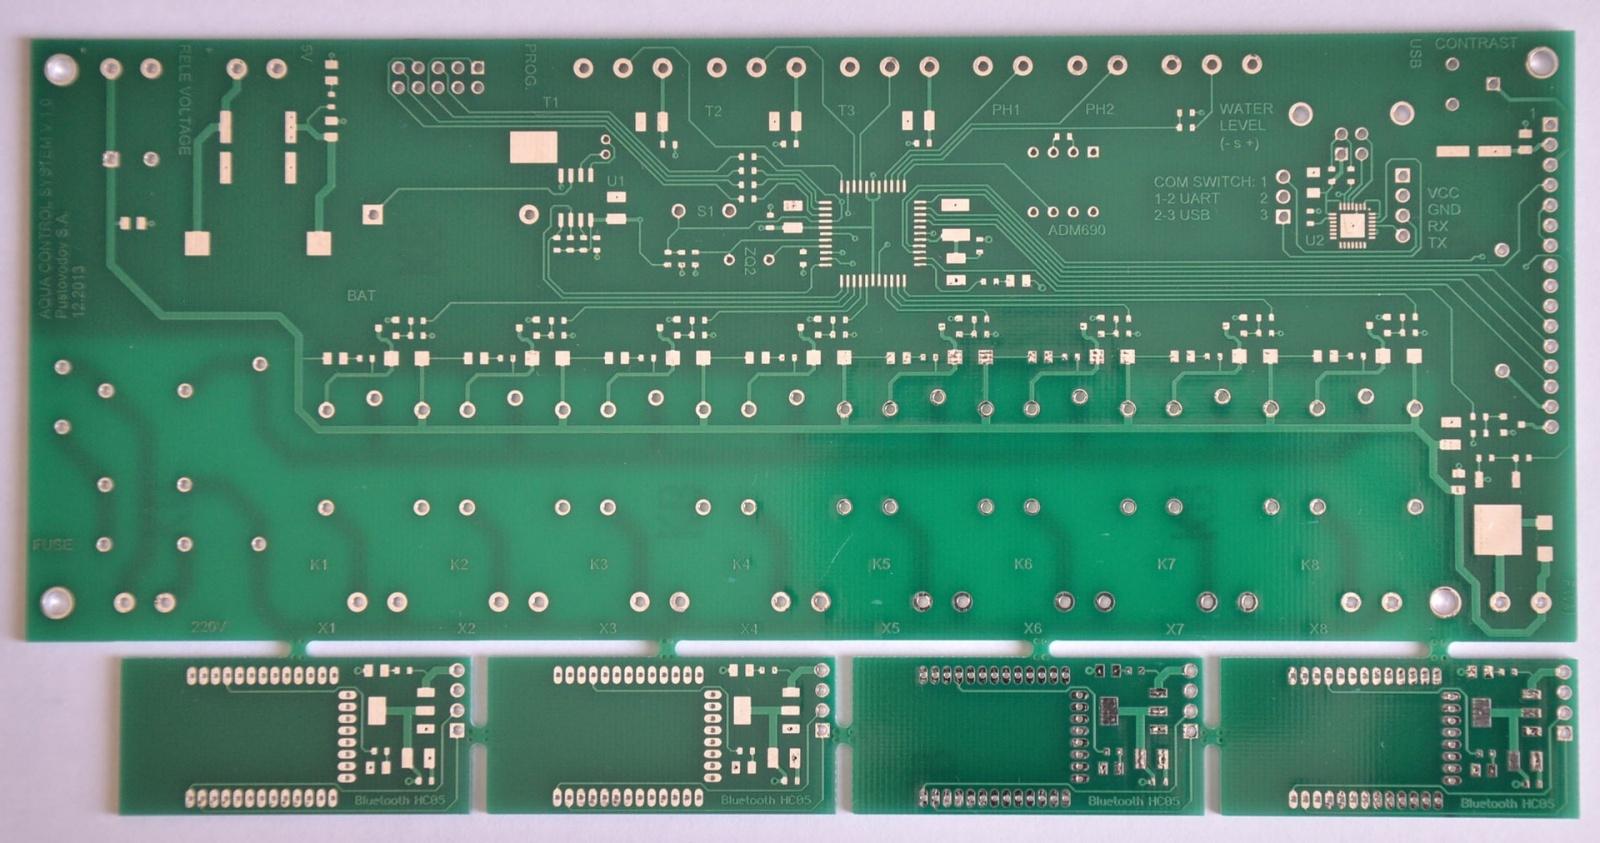 Аквариумный контроллер своими руками фото 894